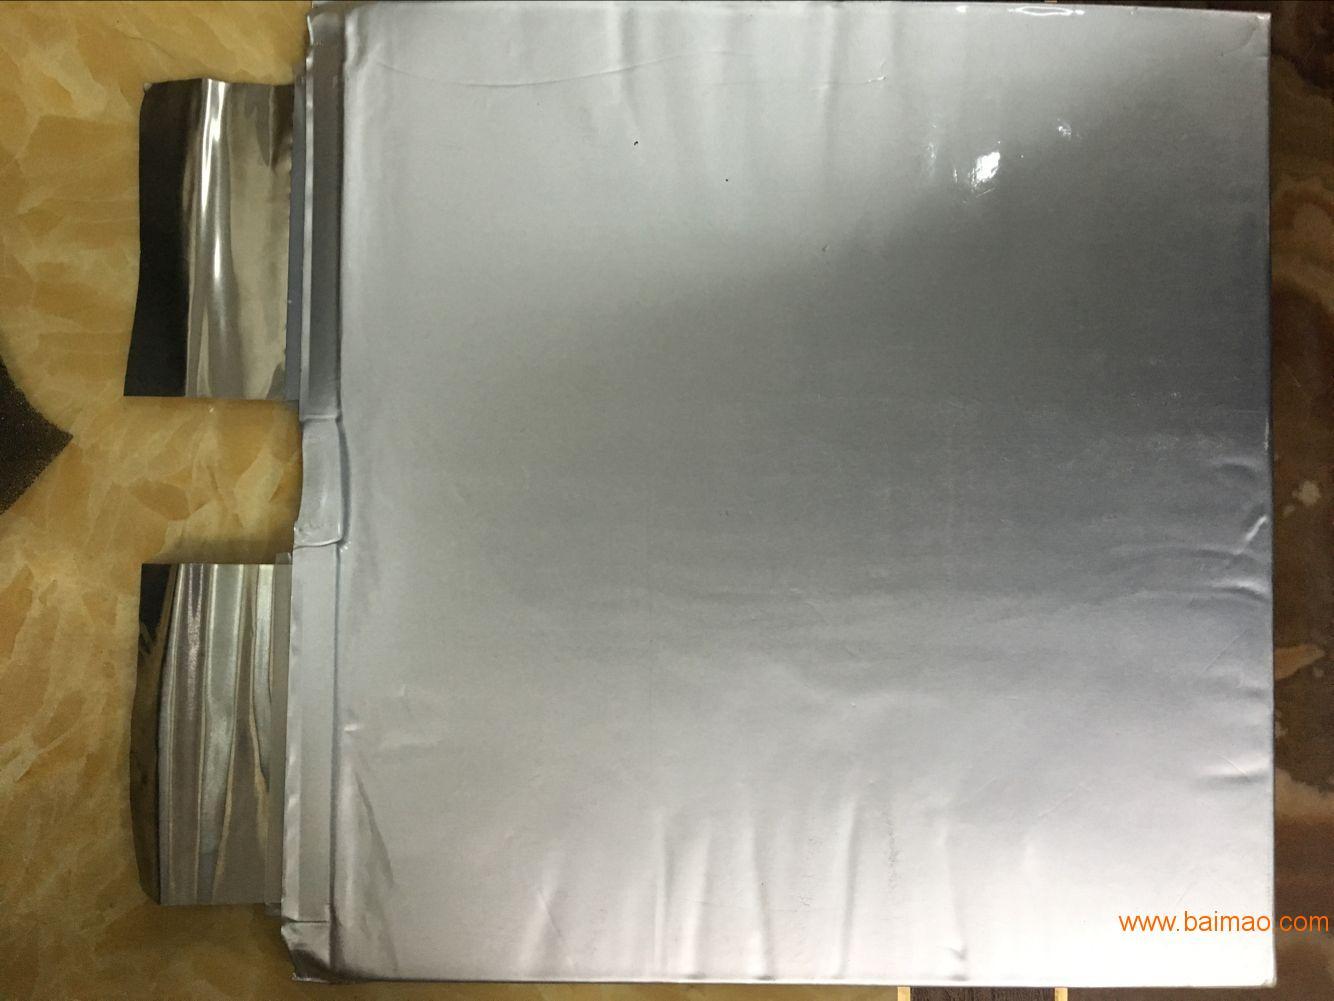 电动自行锰酸锂磷酸铁锂电池组收购